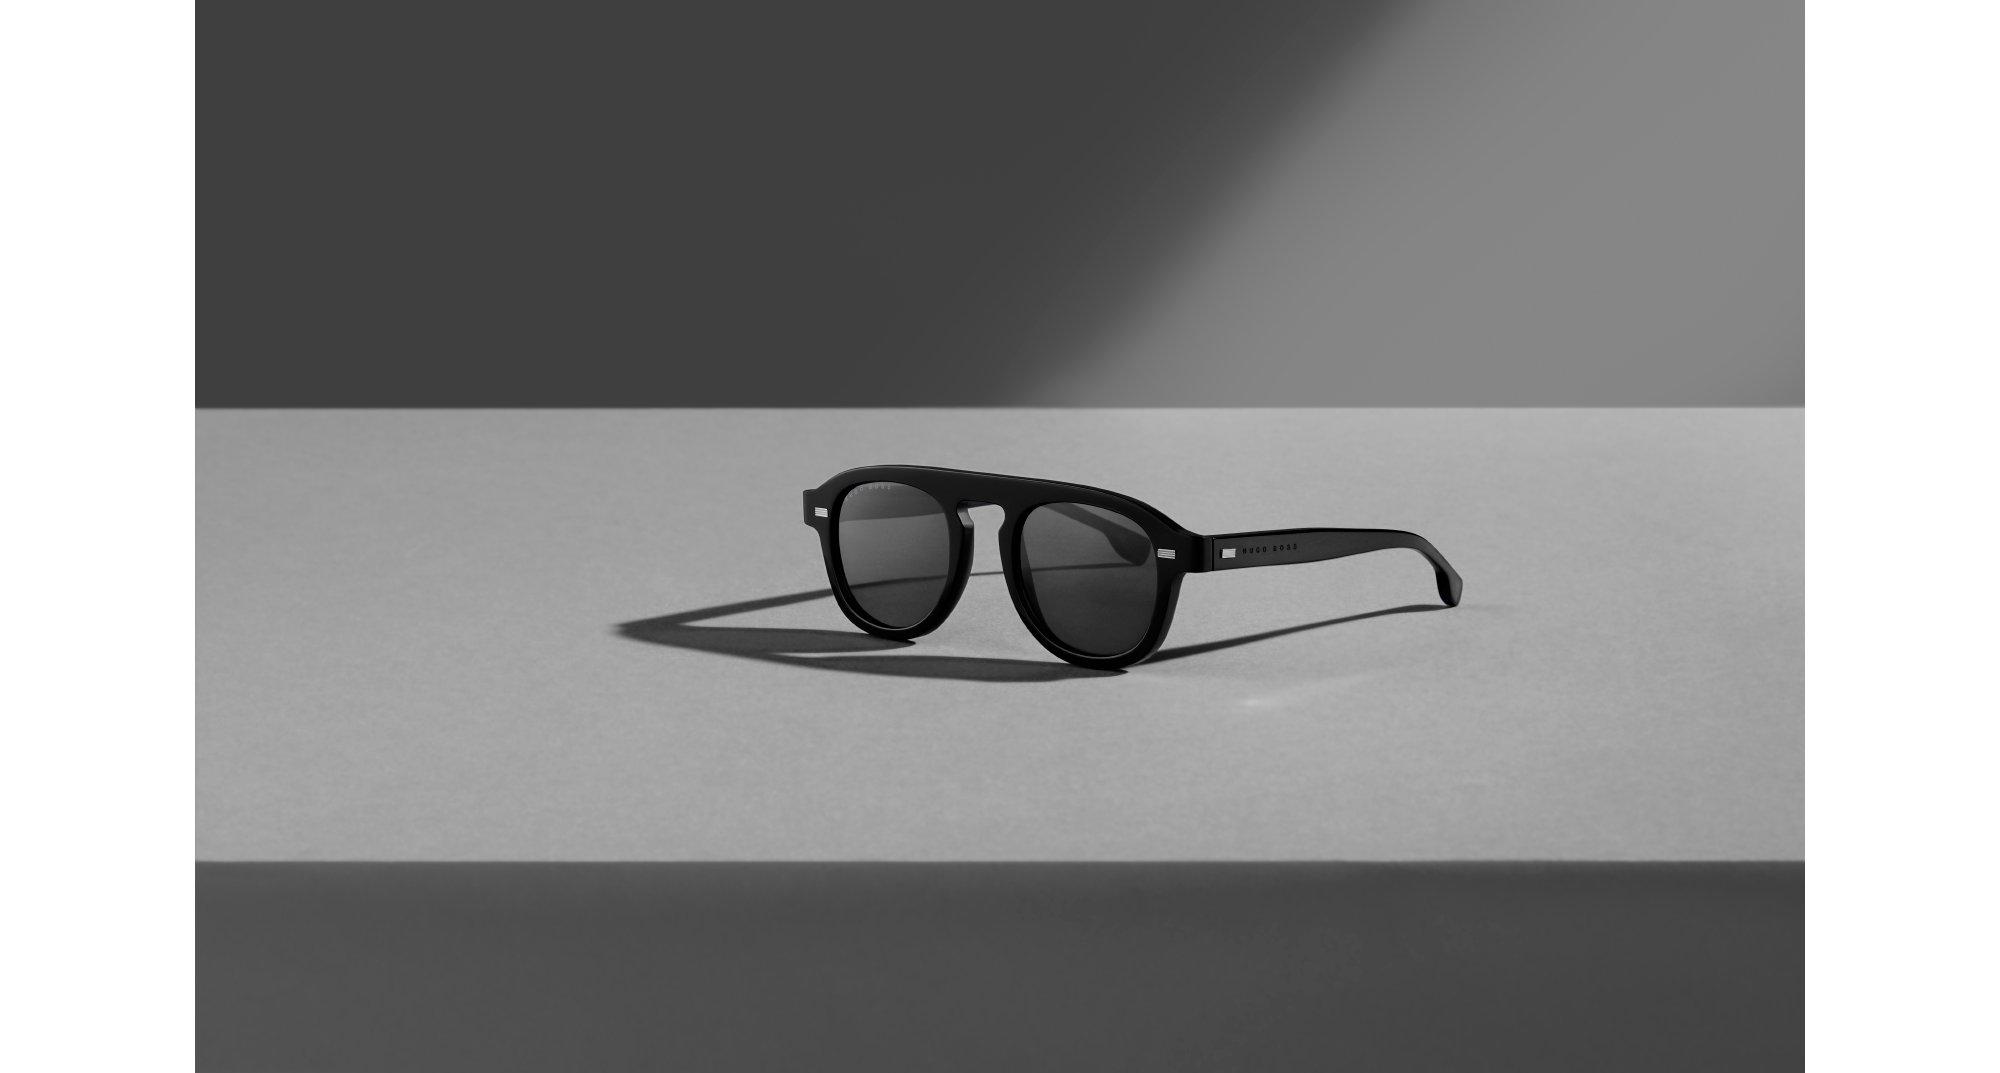 为你介绍始终走在时尚前沿的全新BOSS太阳眼镜系列,专业设计,精于细节。选择一副BOSS署名款陪着一路实现你的理想